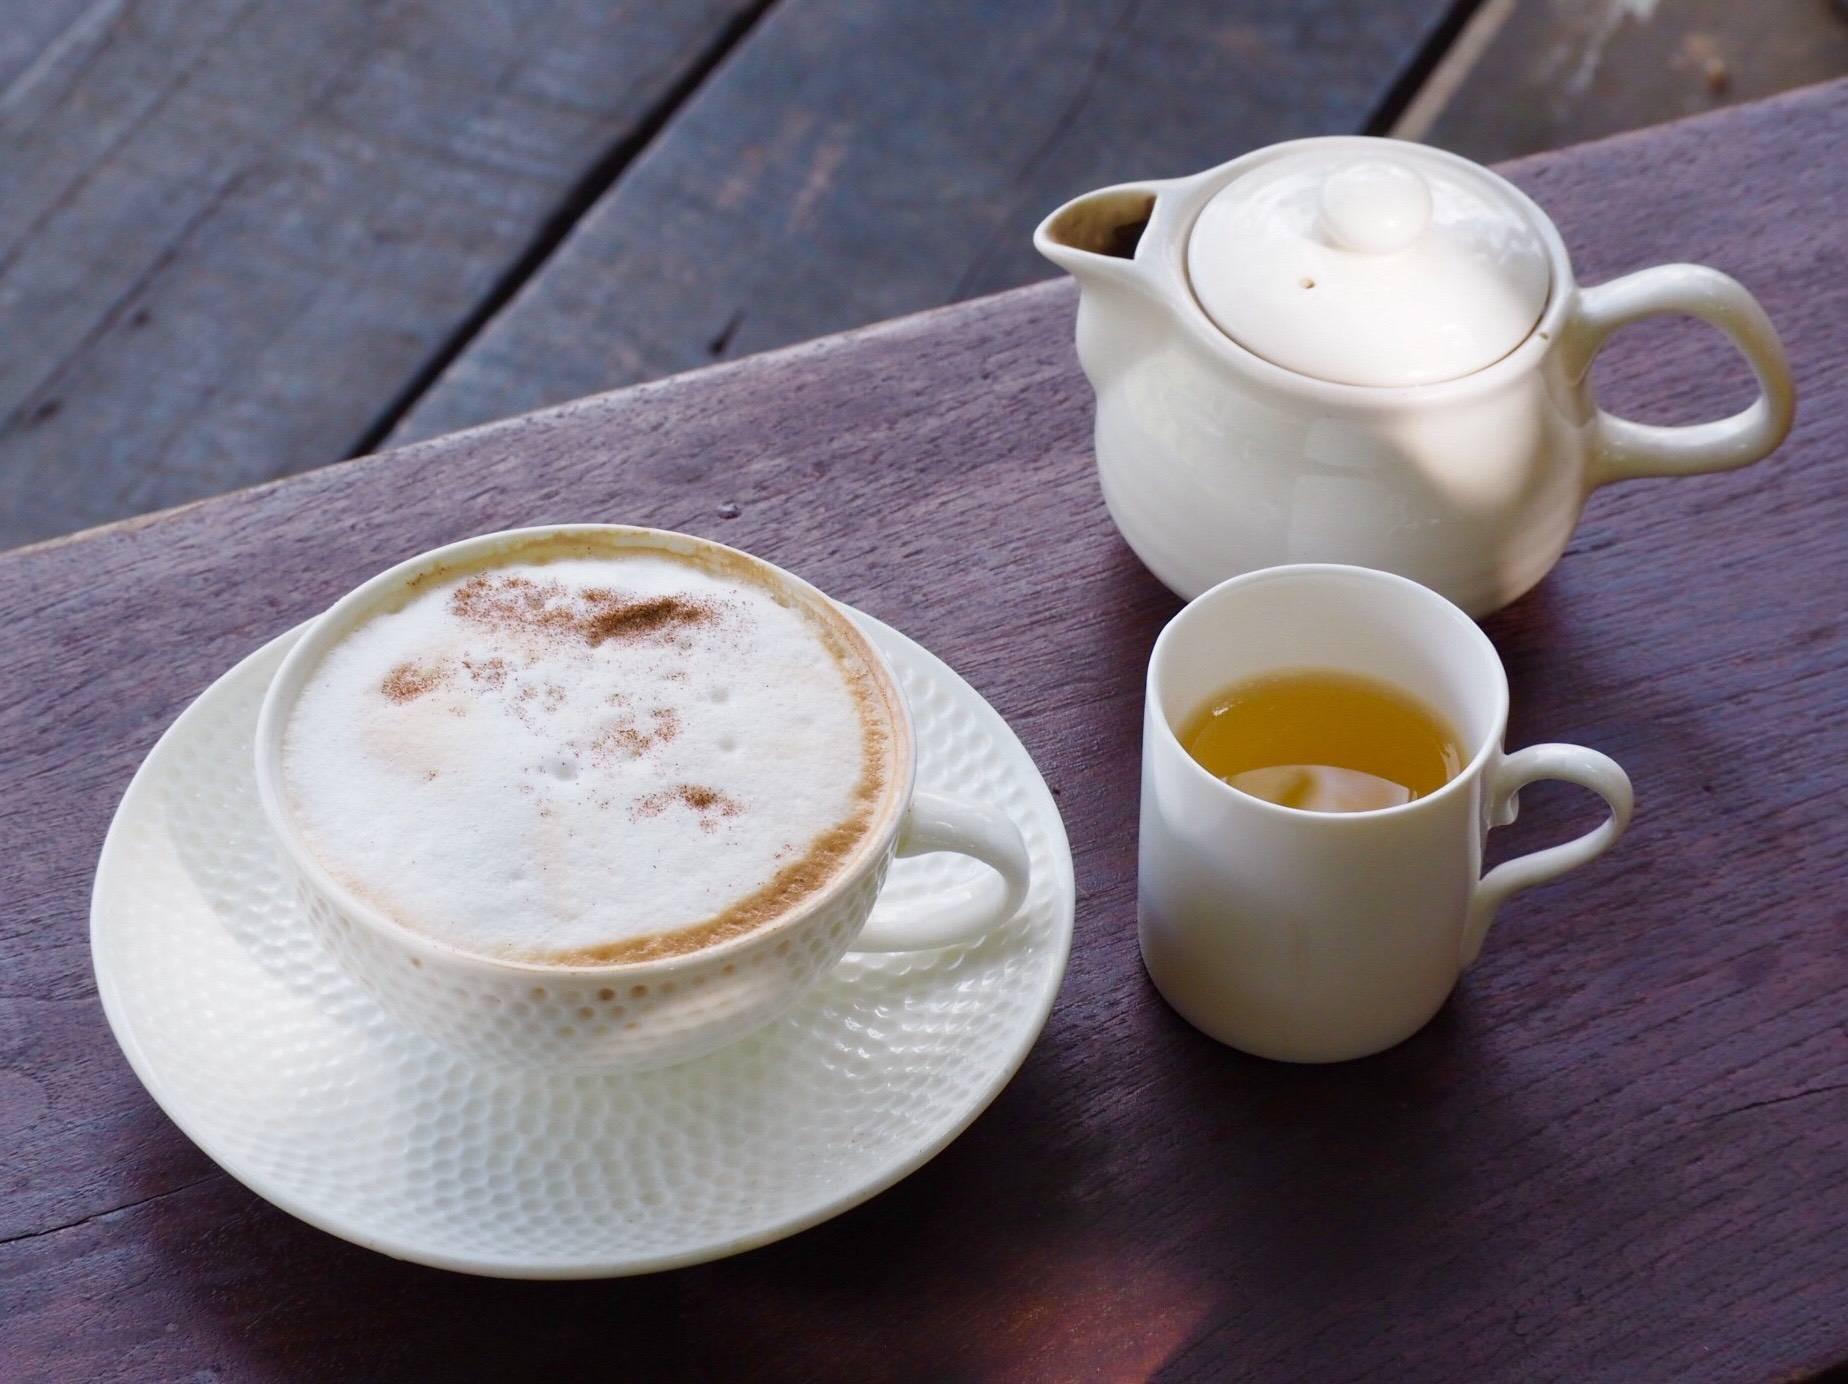 กาแฟร้อน เสิร์ฟคู่กับชาร้อน